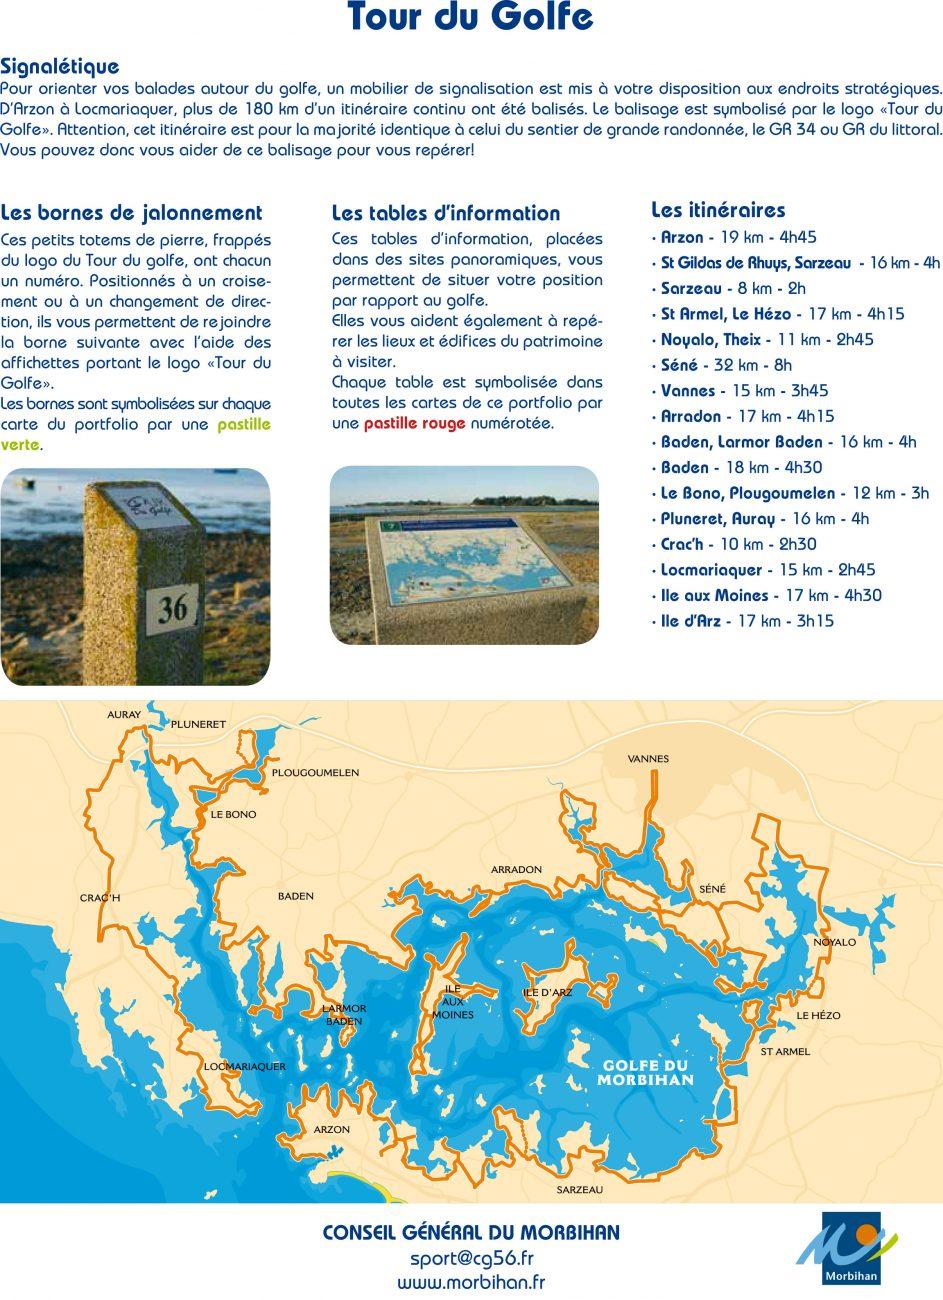 Morbihan_Tour_Golfe